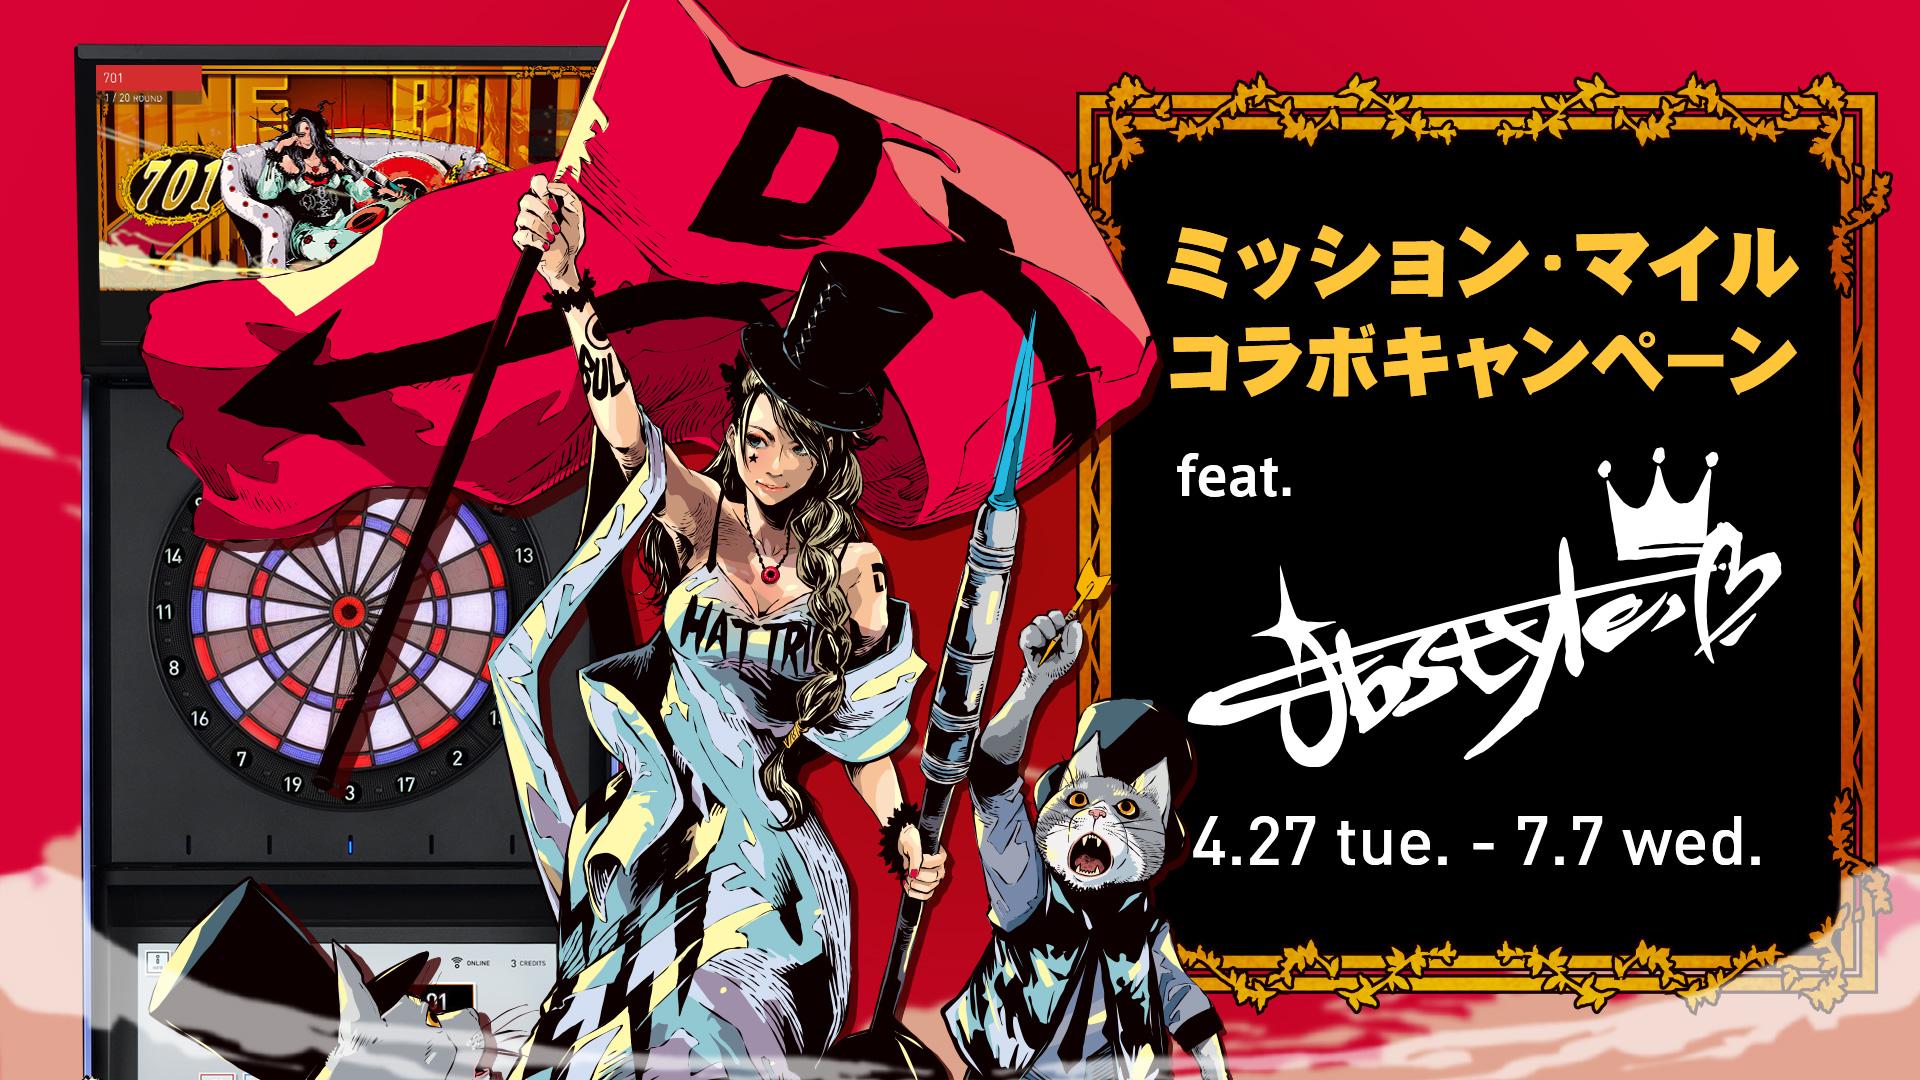 ミッション・マイル コラボキャンペーン Feat. jbstyle.